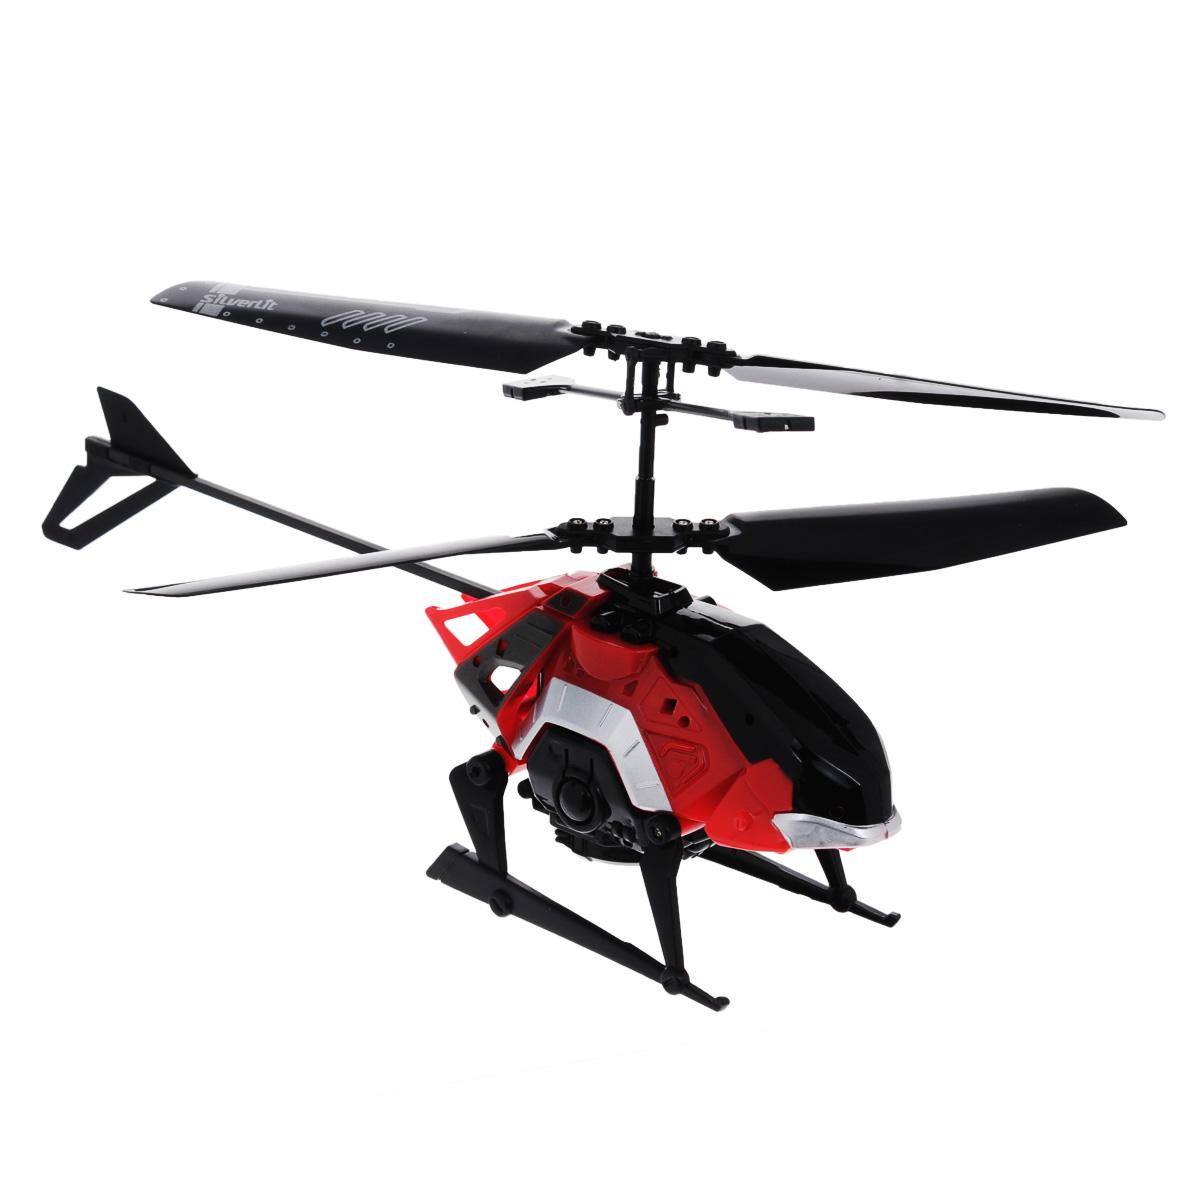 Silverlit Вертолет на радиоуправлении Heli Combat цвет красный84681Если малыш любит играть в войну, принимать участие в военных атаках или ему просто нравятся оригинальные игрушки, то ему обязательно понравится радиоуправляемая модель Silverlit Боевой вертолет Heli Combat. Каркас вертолета выполнен из пластика с использованием металла. Вертолет имеет двухканальное дистанционное управление и идеально подходит для игры как внутри помещения, так и на улице. К игрушке в комплекте идет три насадки - с помощью одной можно начать стрелять по противнику, выпуская ракеты, вторая насадка предусматривает прикрепление волчка, который сбрасывается во время полета и крушит все на своем пути, а если необходимо перевезти груз, крепится третья насадка, и военный транспорт превращается в грузовой. Зарядка аккумулятора осуществляется от USB-провода или пульта управления. Ребенок может управлять моделью и поднимать ее в воздух, совершать повороты вправо и влево, стрелять из гранатомета и кидать волчки, перевозить грузы. Вперед игрушка движется за...